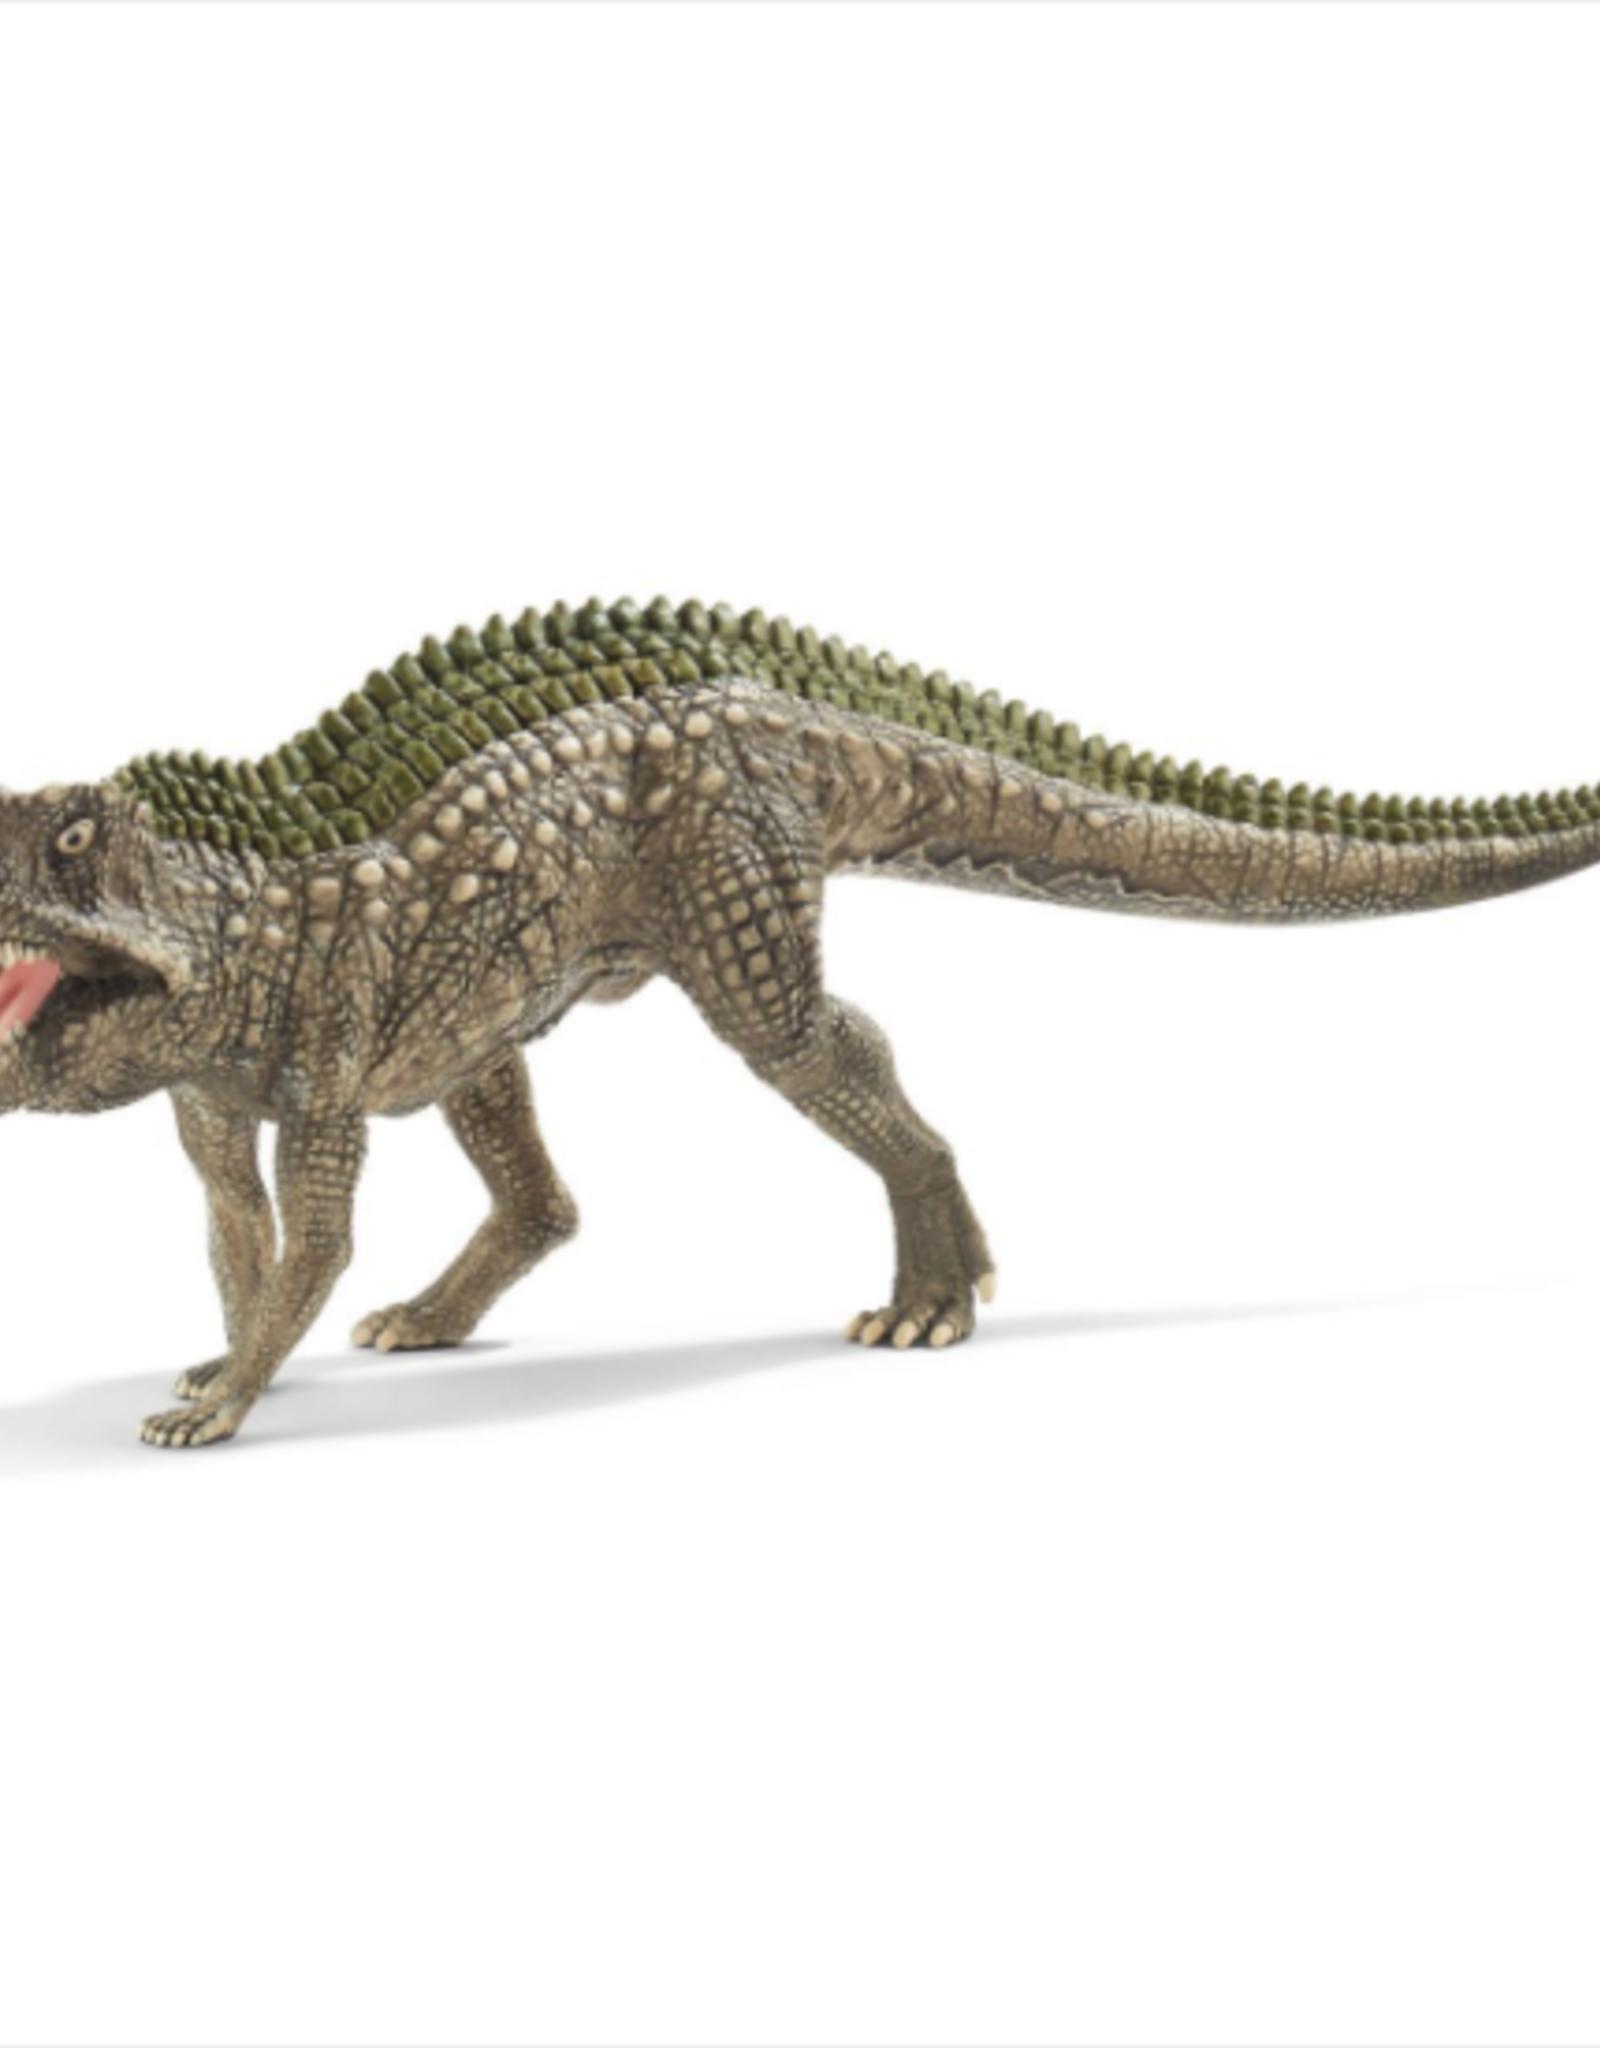 Schleich Schleich Postosuchus